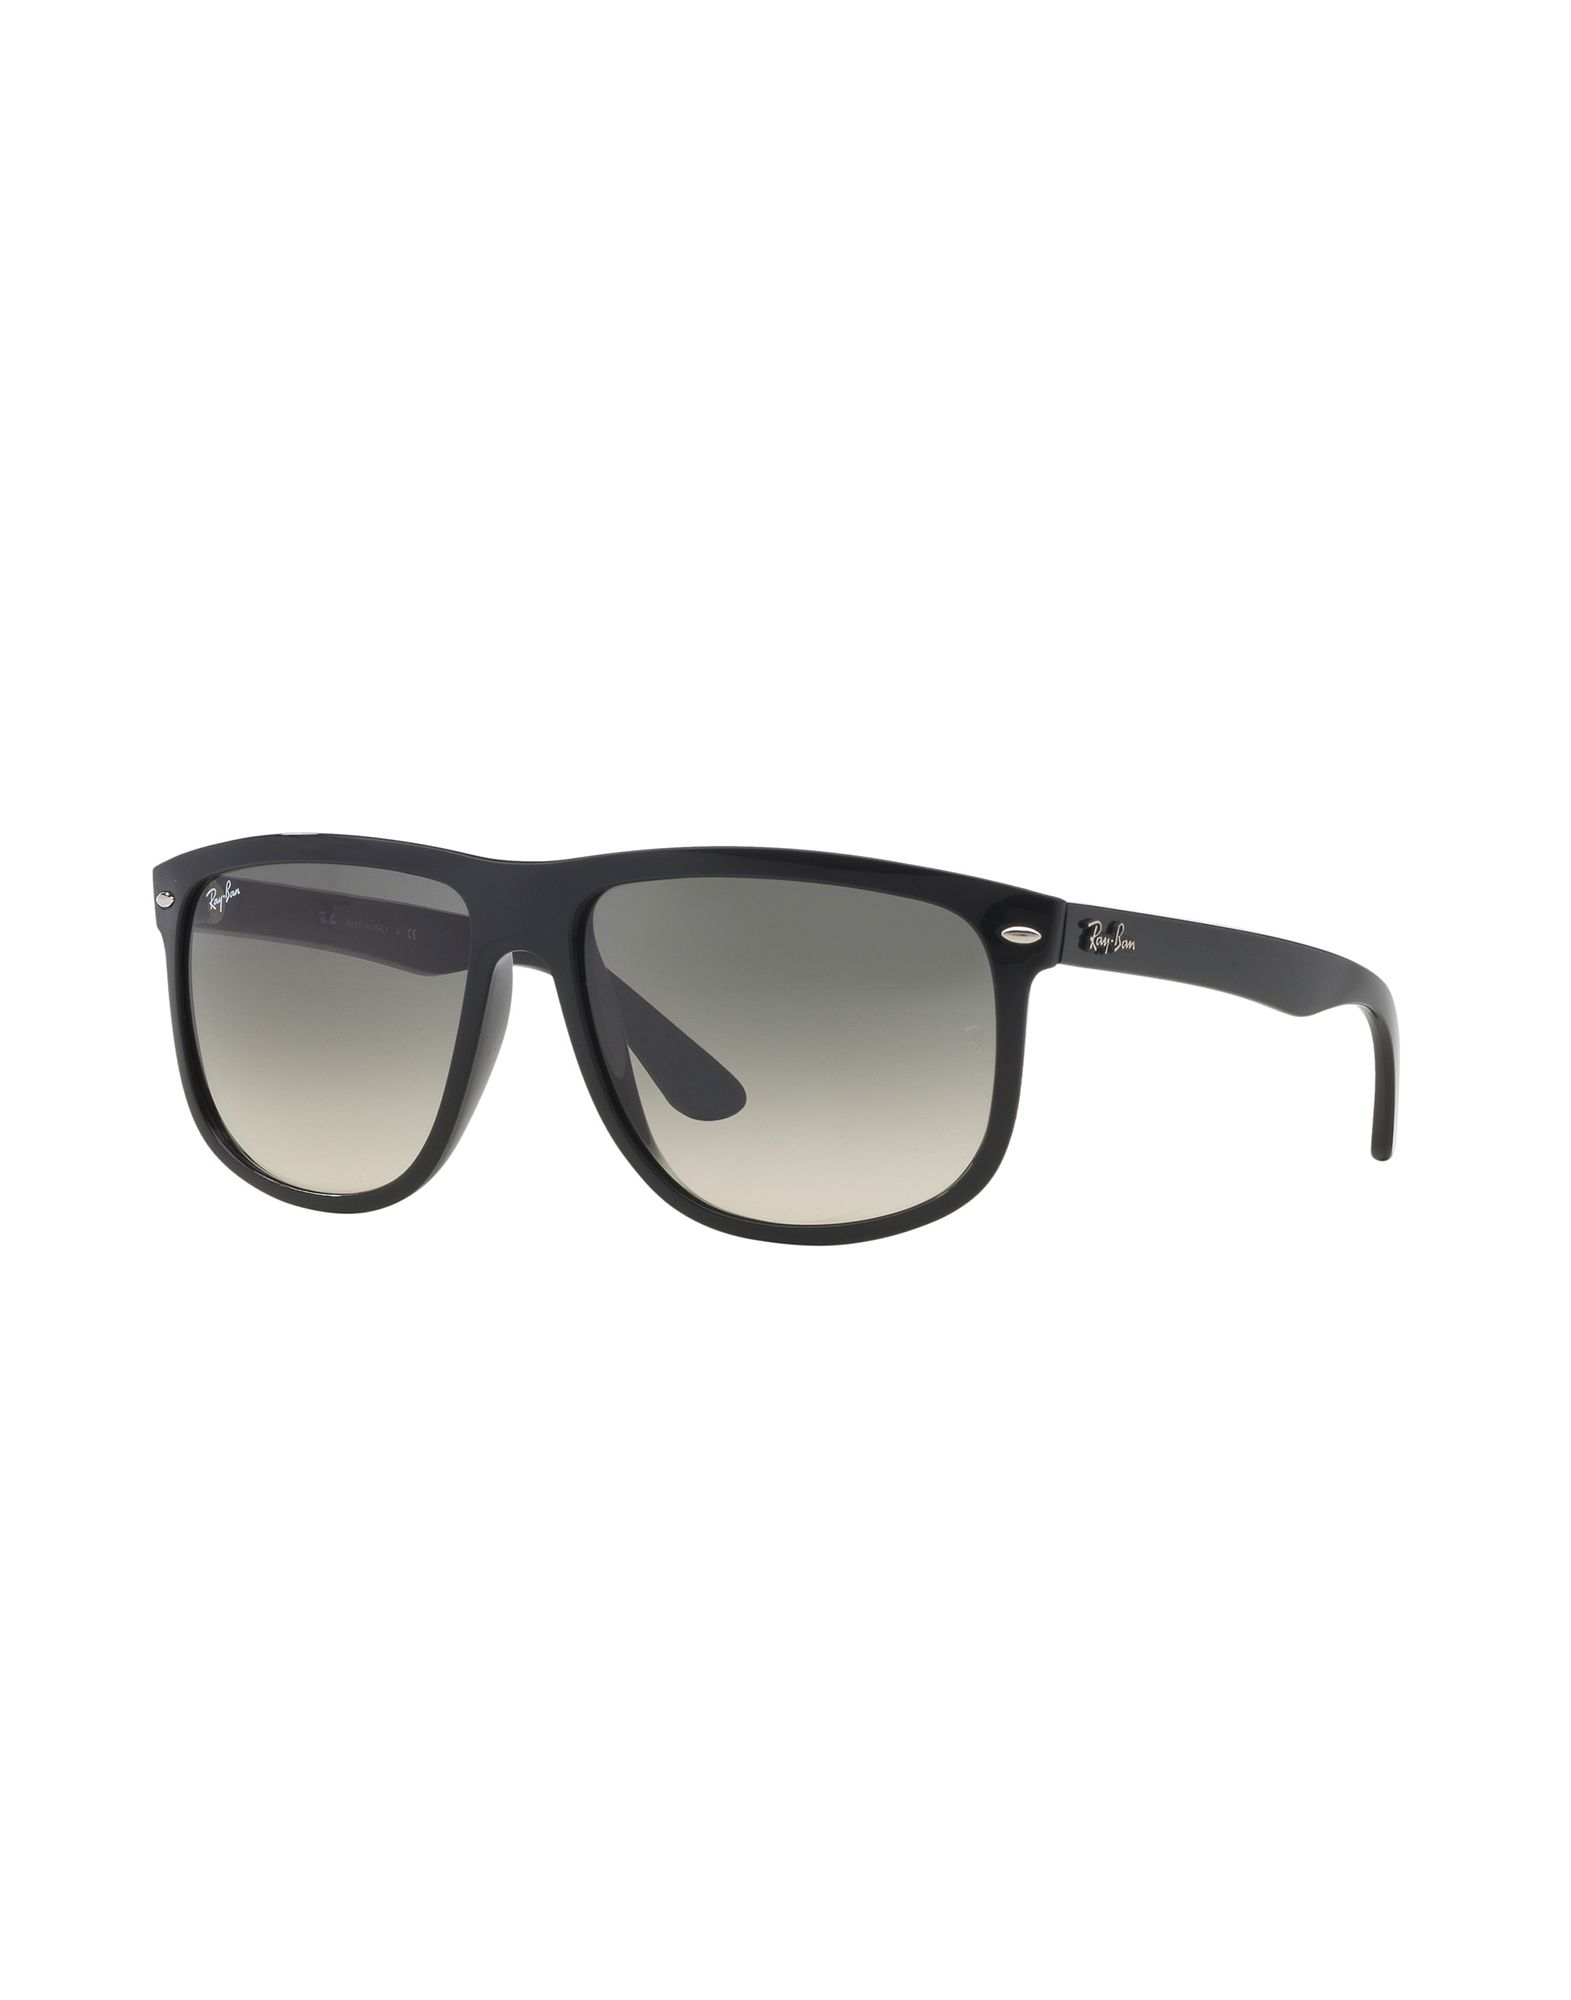 Occhiali Da Sole Ray-Ban Rb4147 - Uomo - Acquista online su